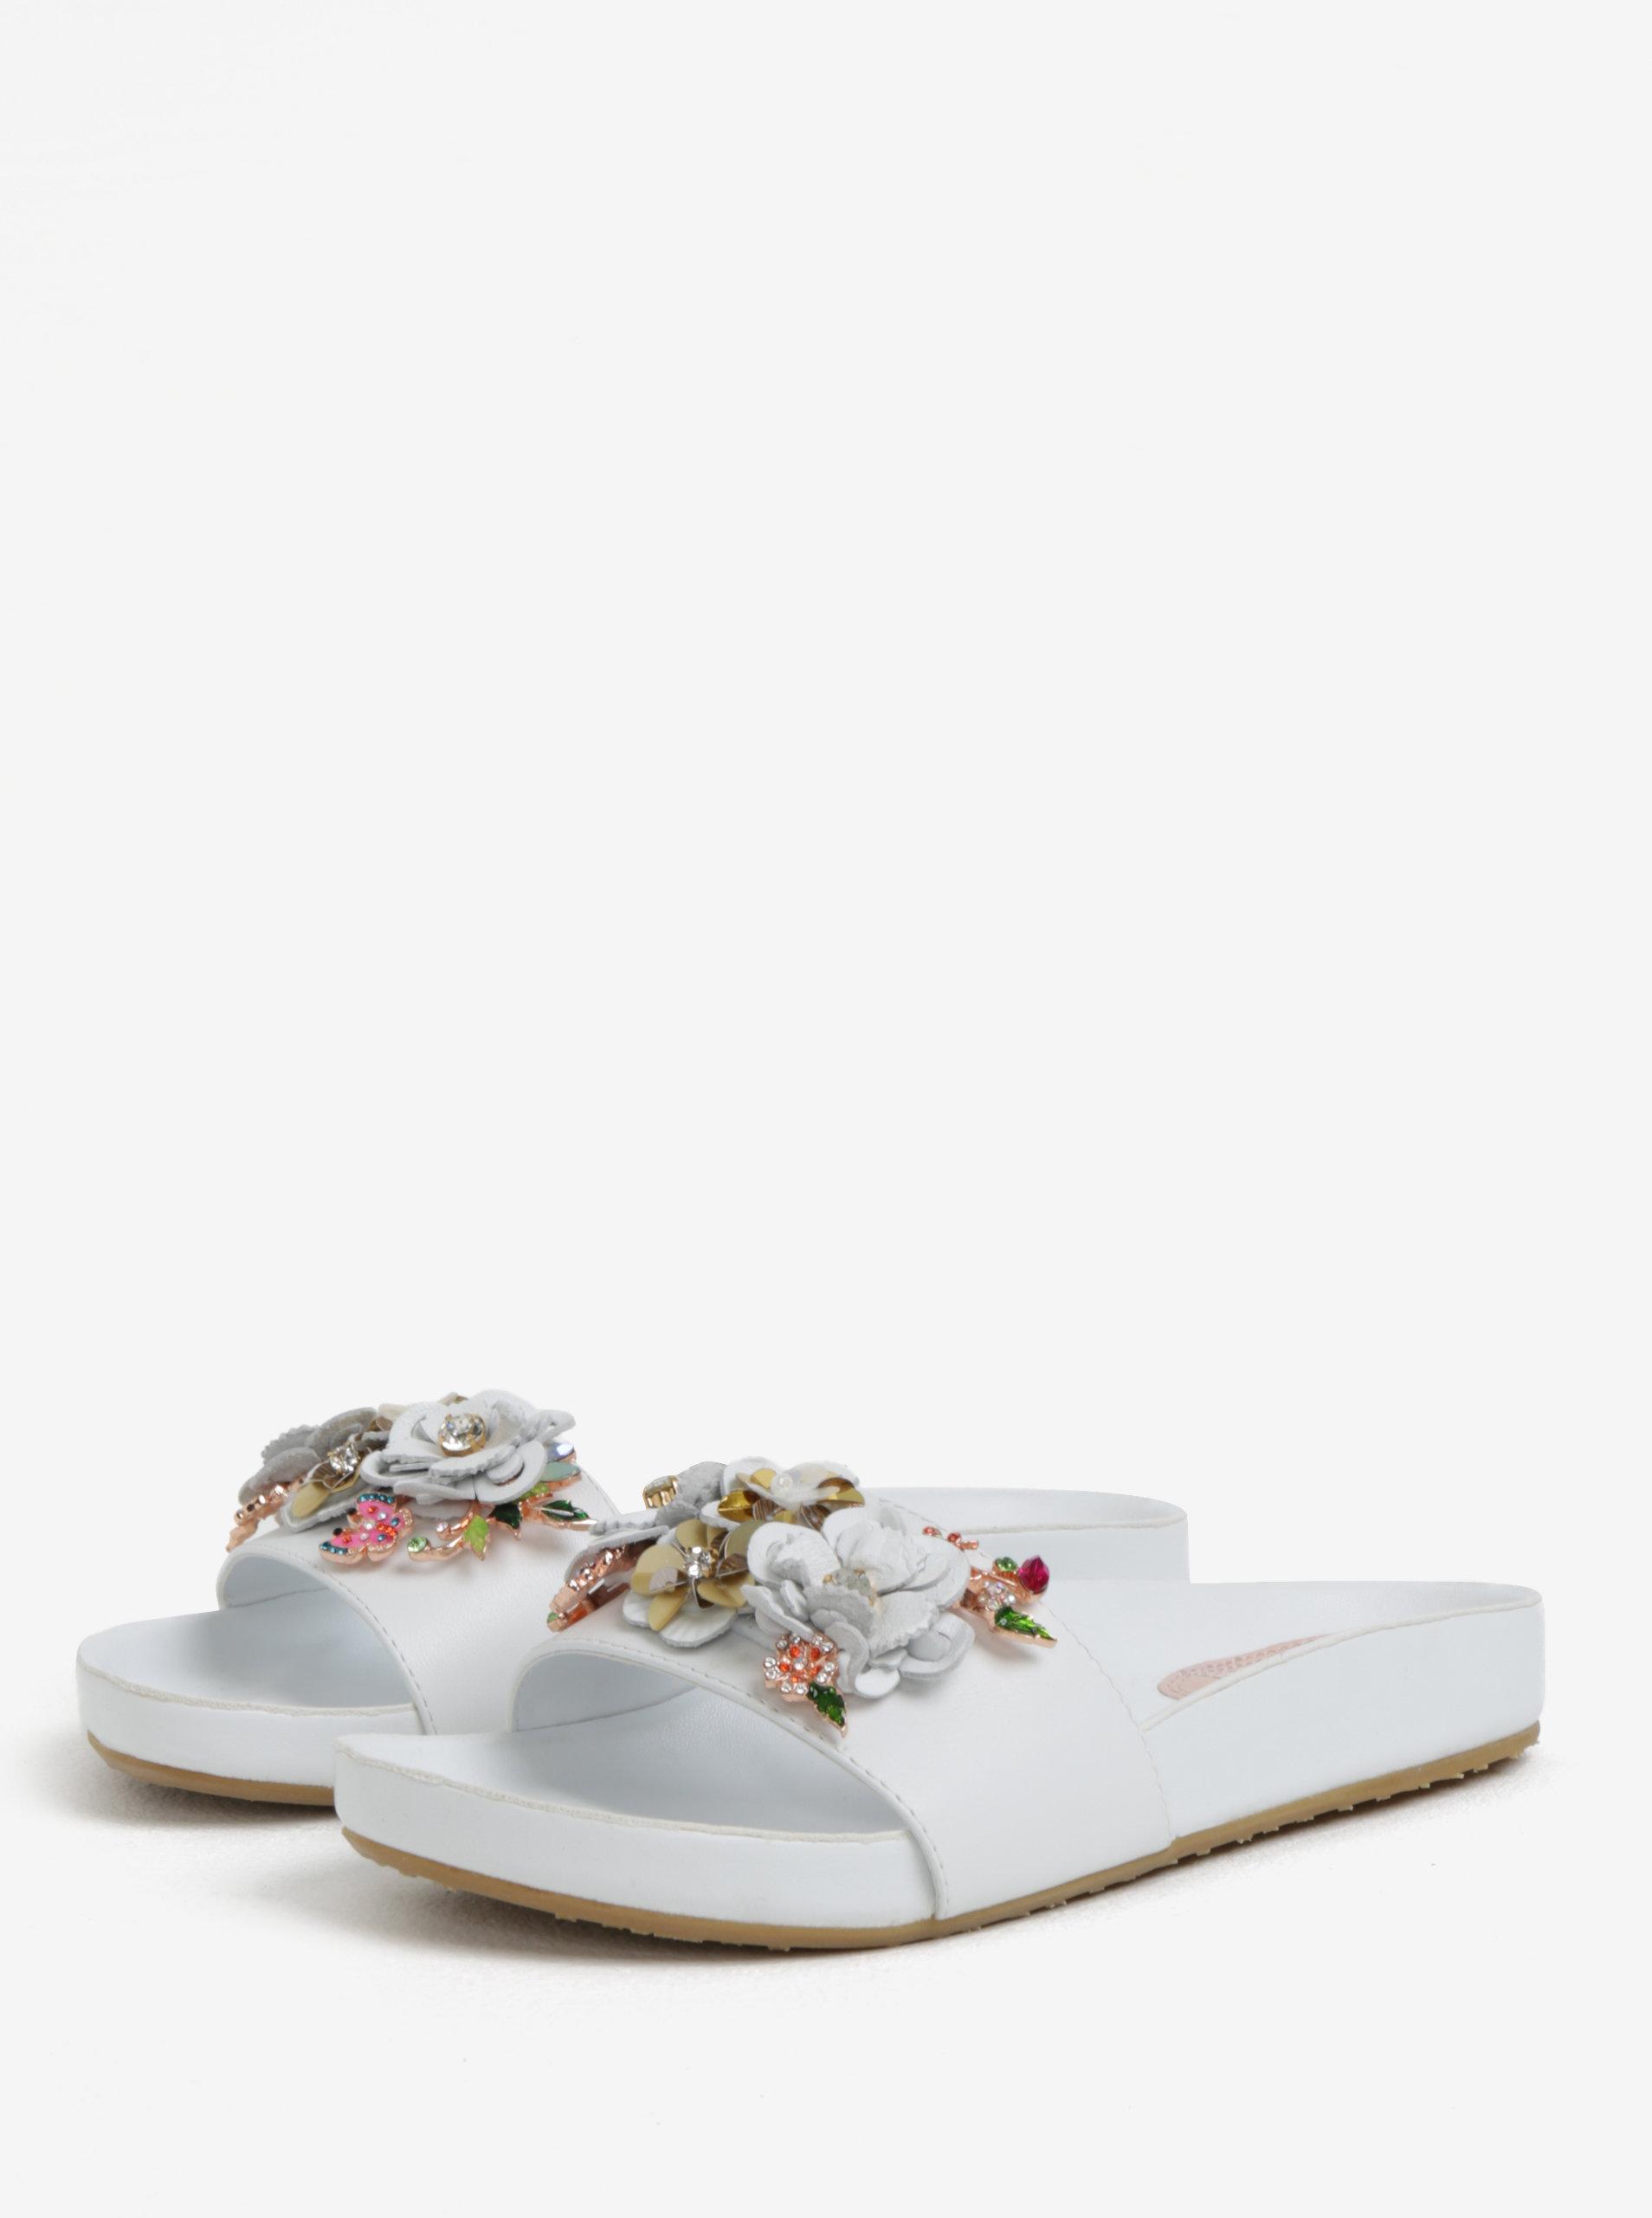 5554959b2f04 Biele dámske kožené šľapky s kvetinovou ozdobou Dune London Laelia ...